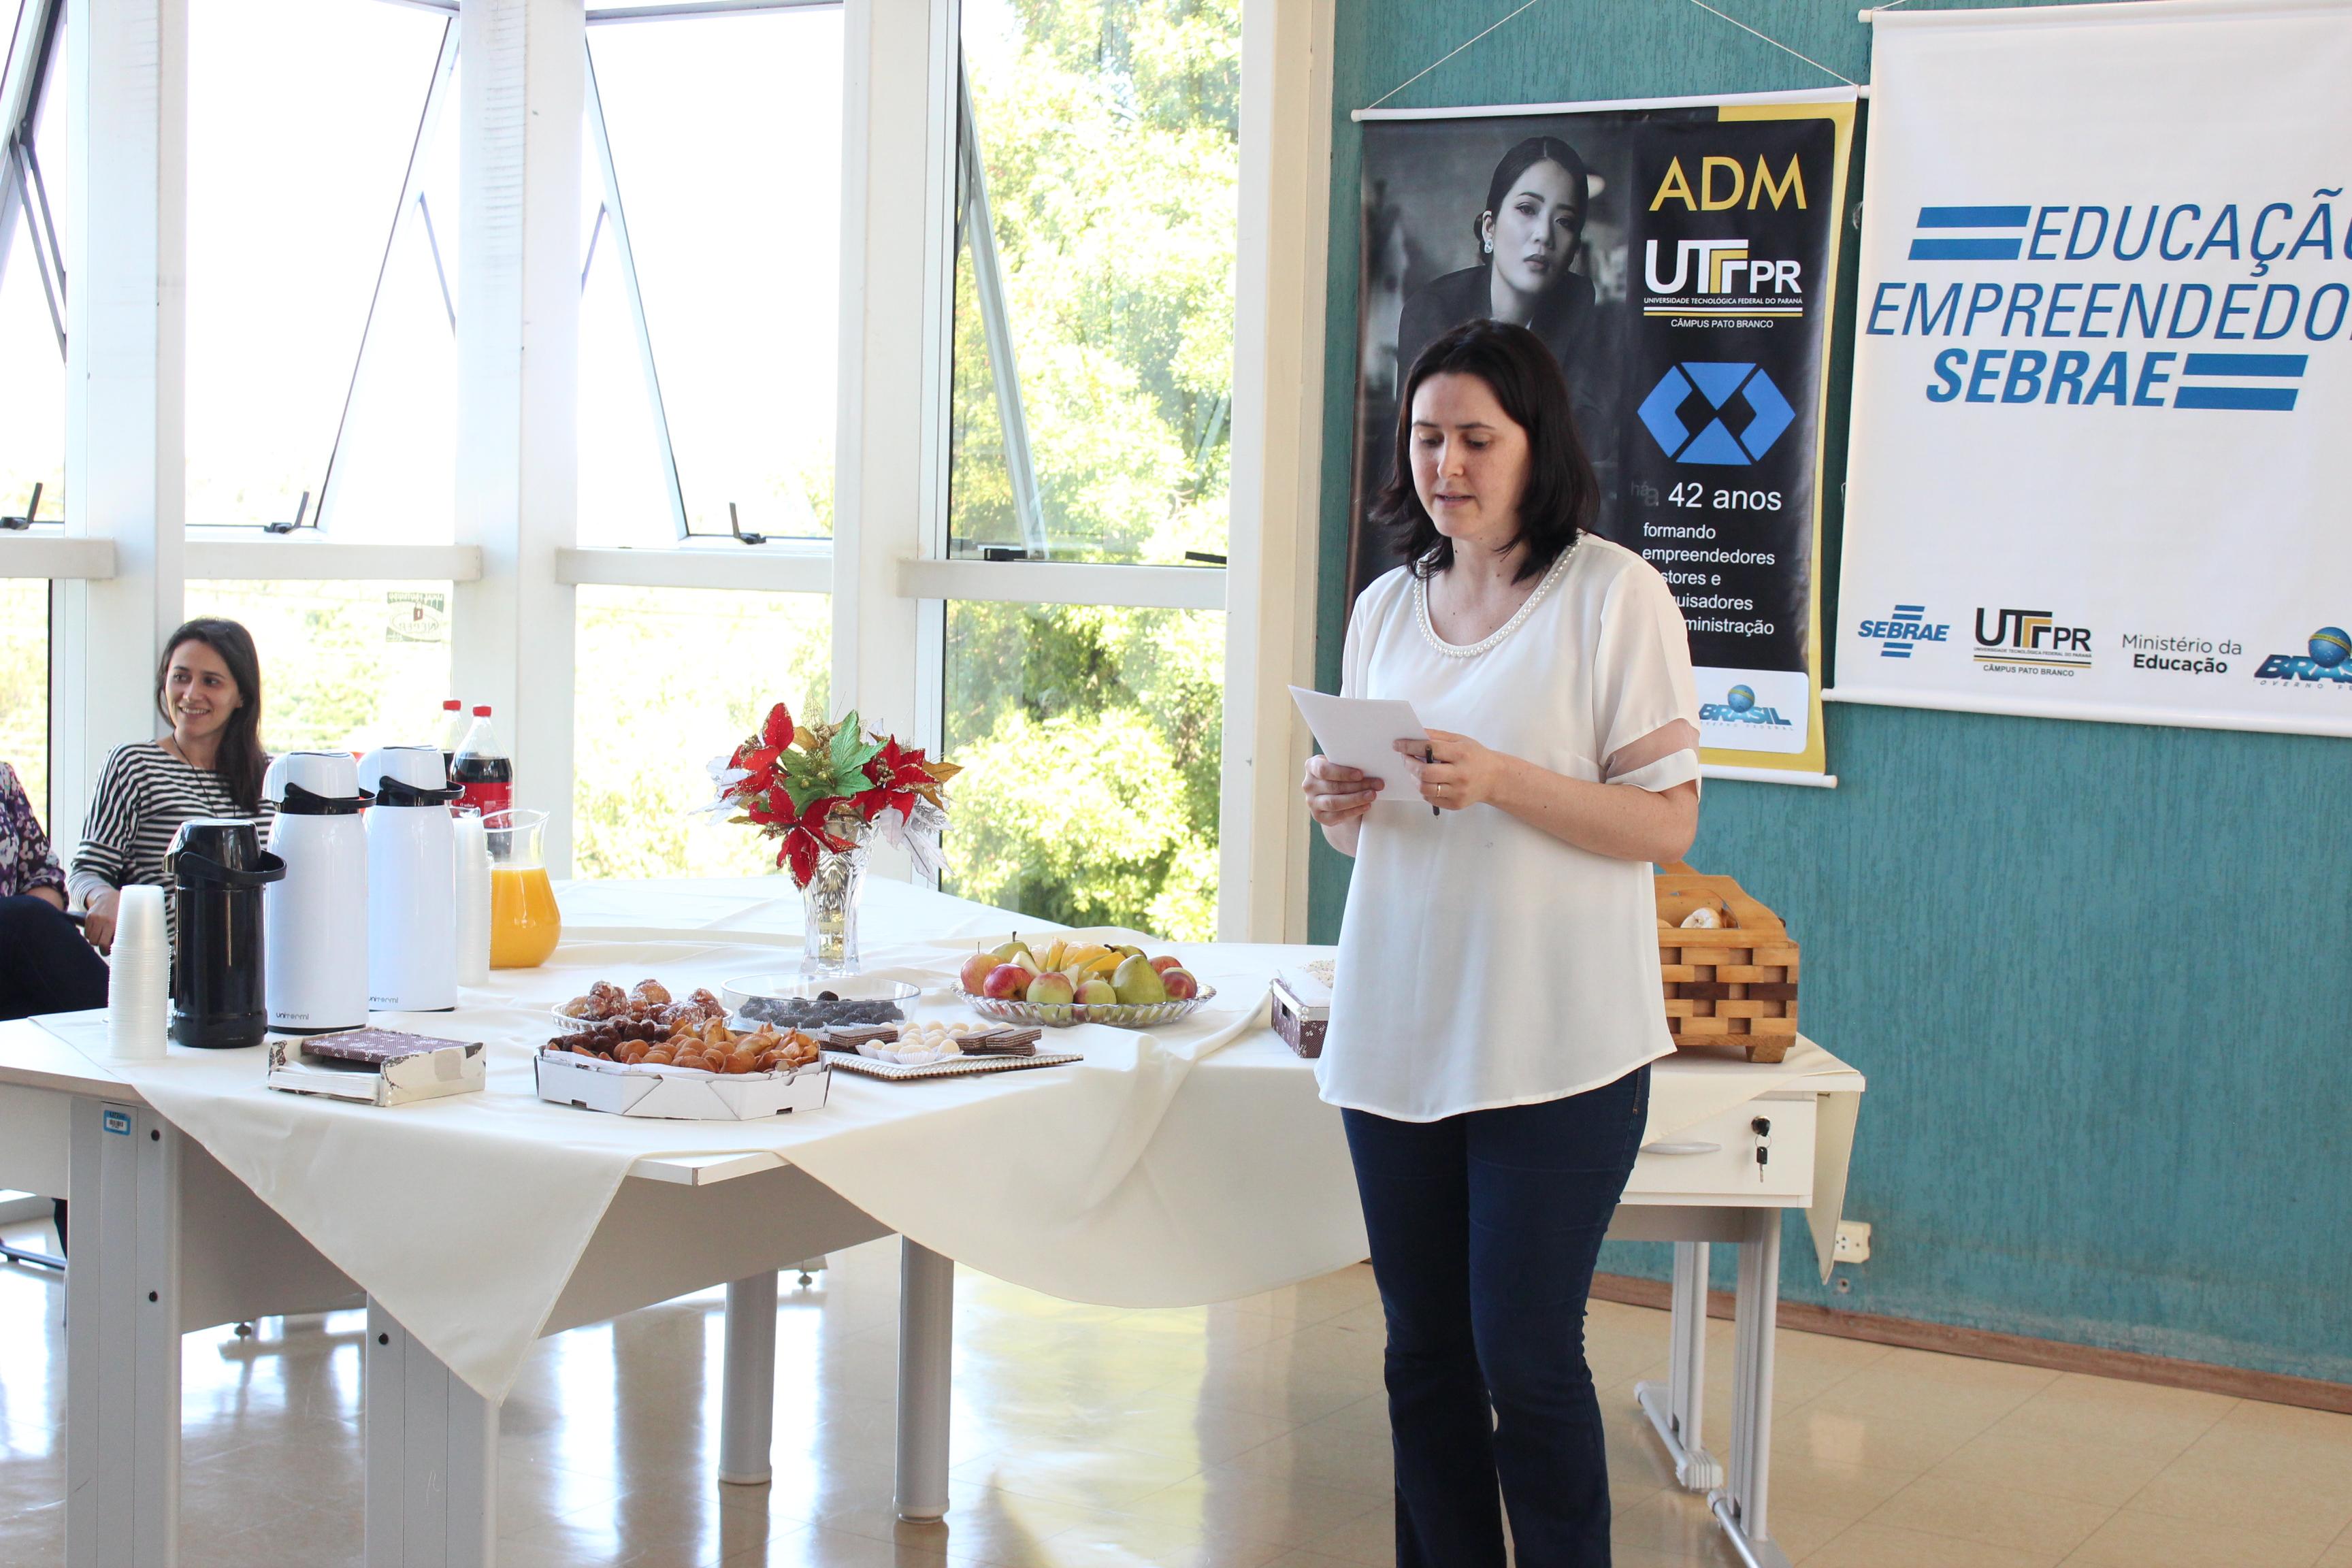 UTFPR Câmpus Pato Branco inaugura Centro de Empreendedorismo em parceria com o SEBRAE